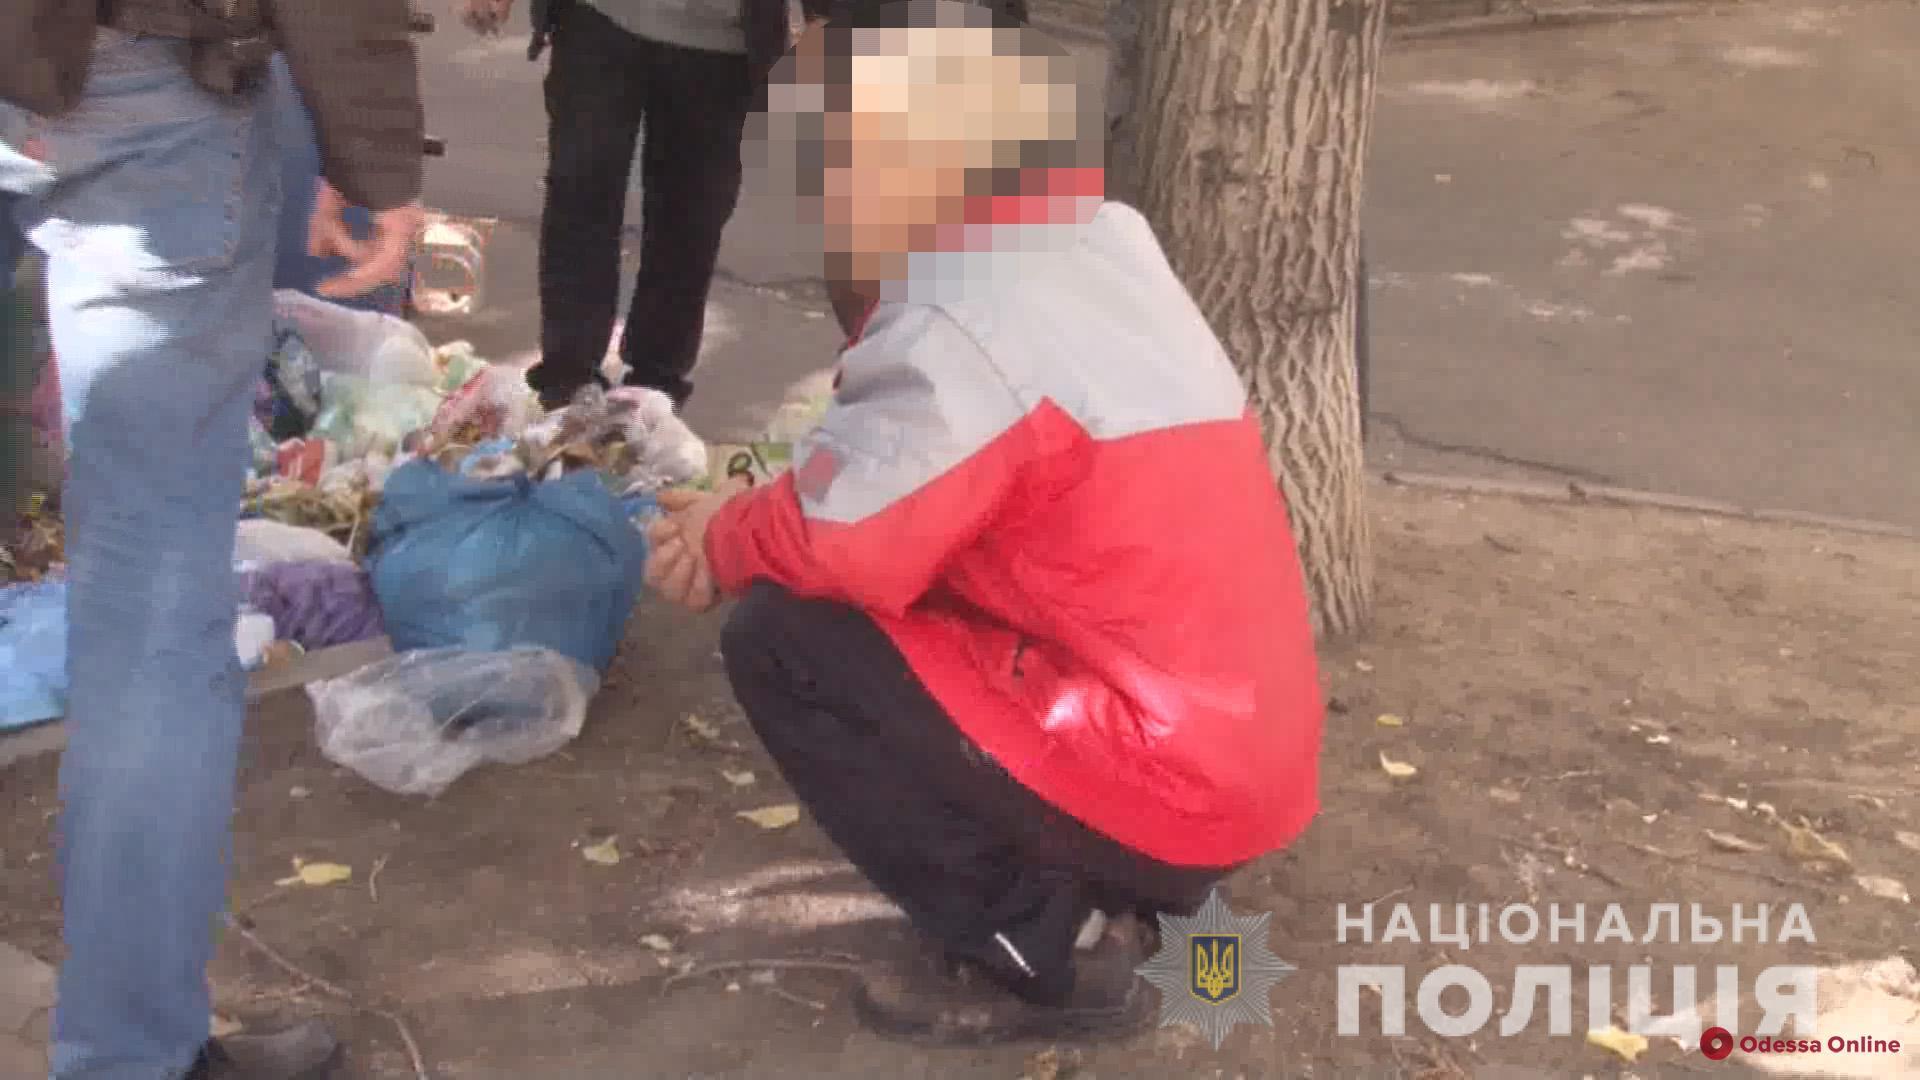 В Одессе сын забил до смерти пожилую мать и пытался повеситься (видео)